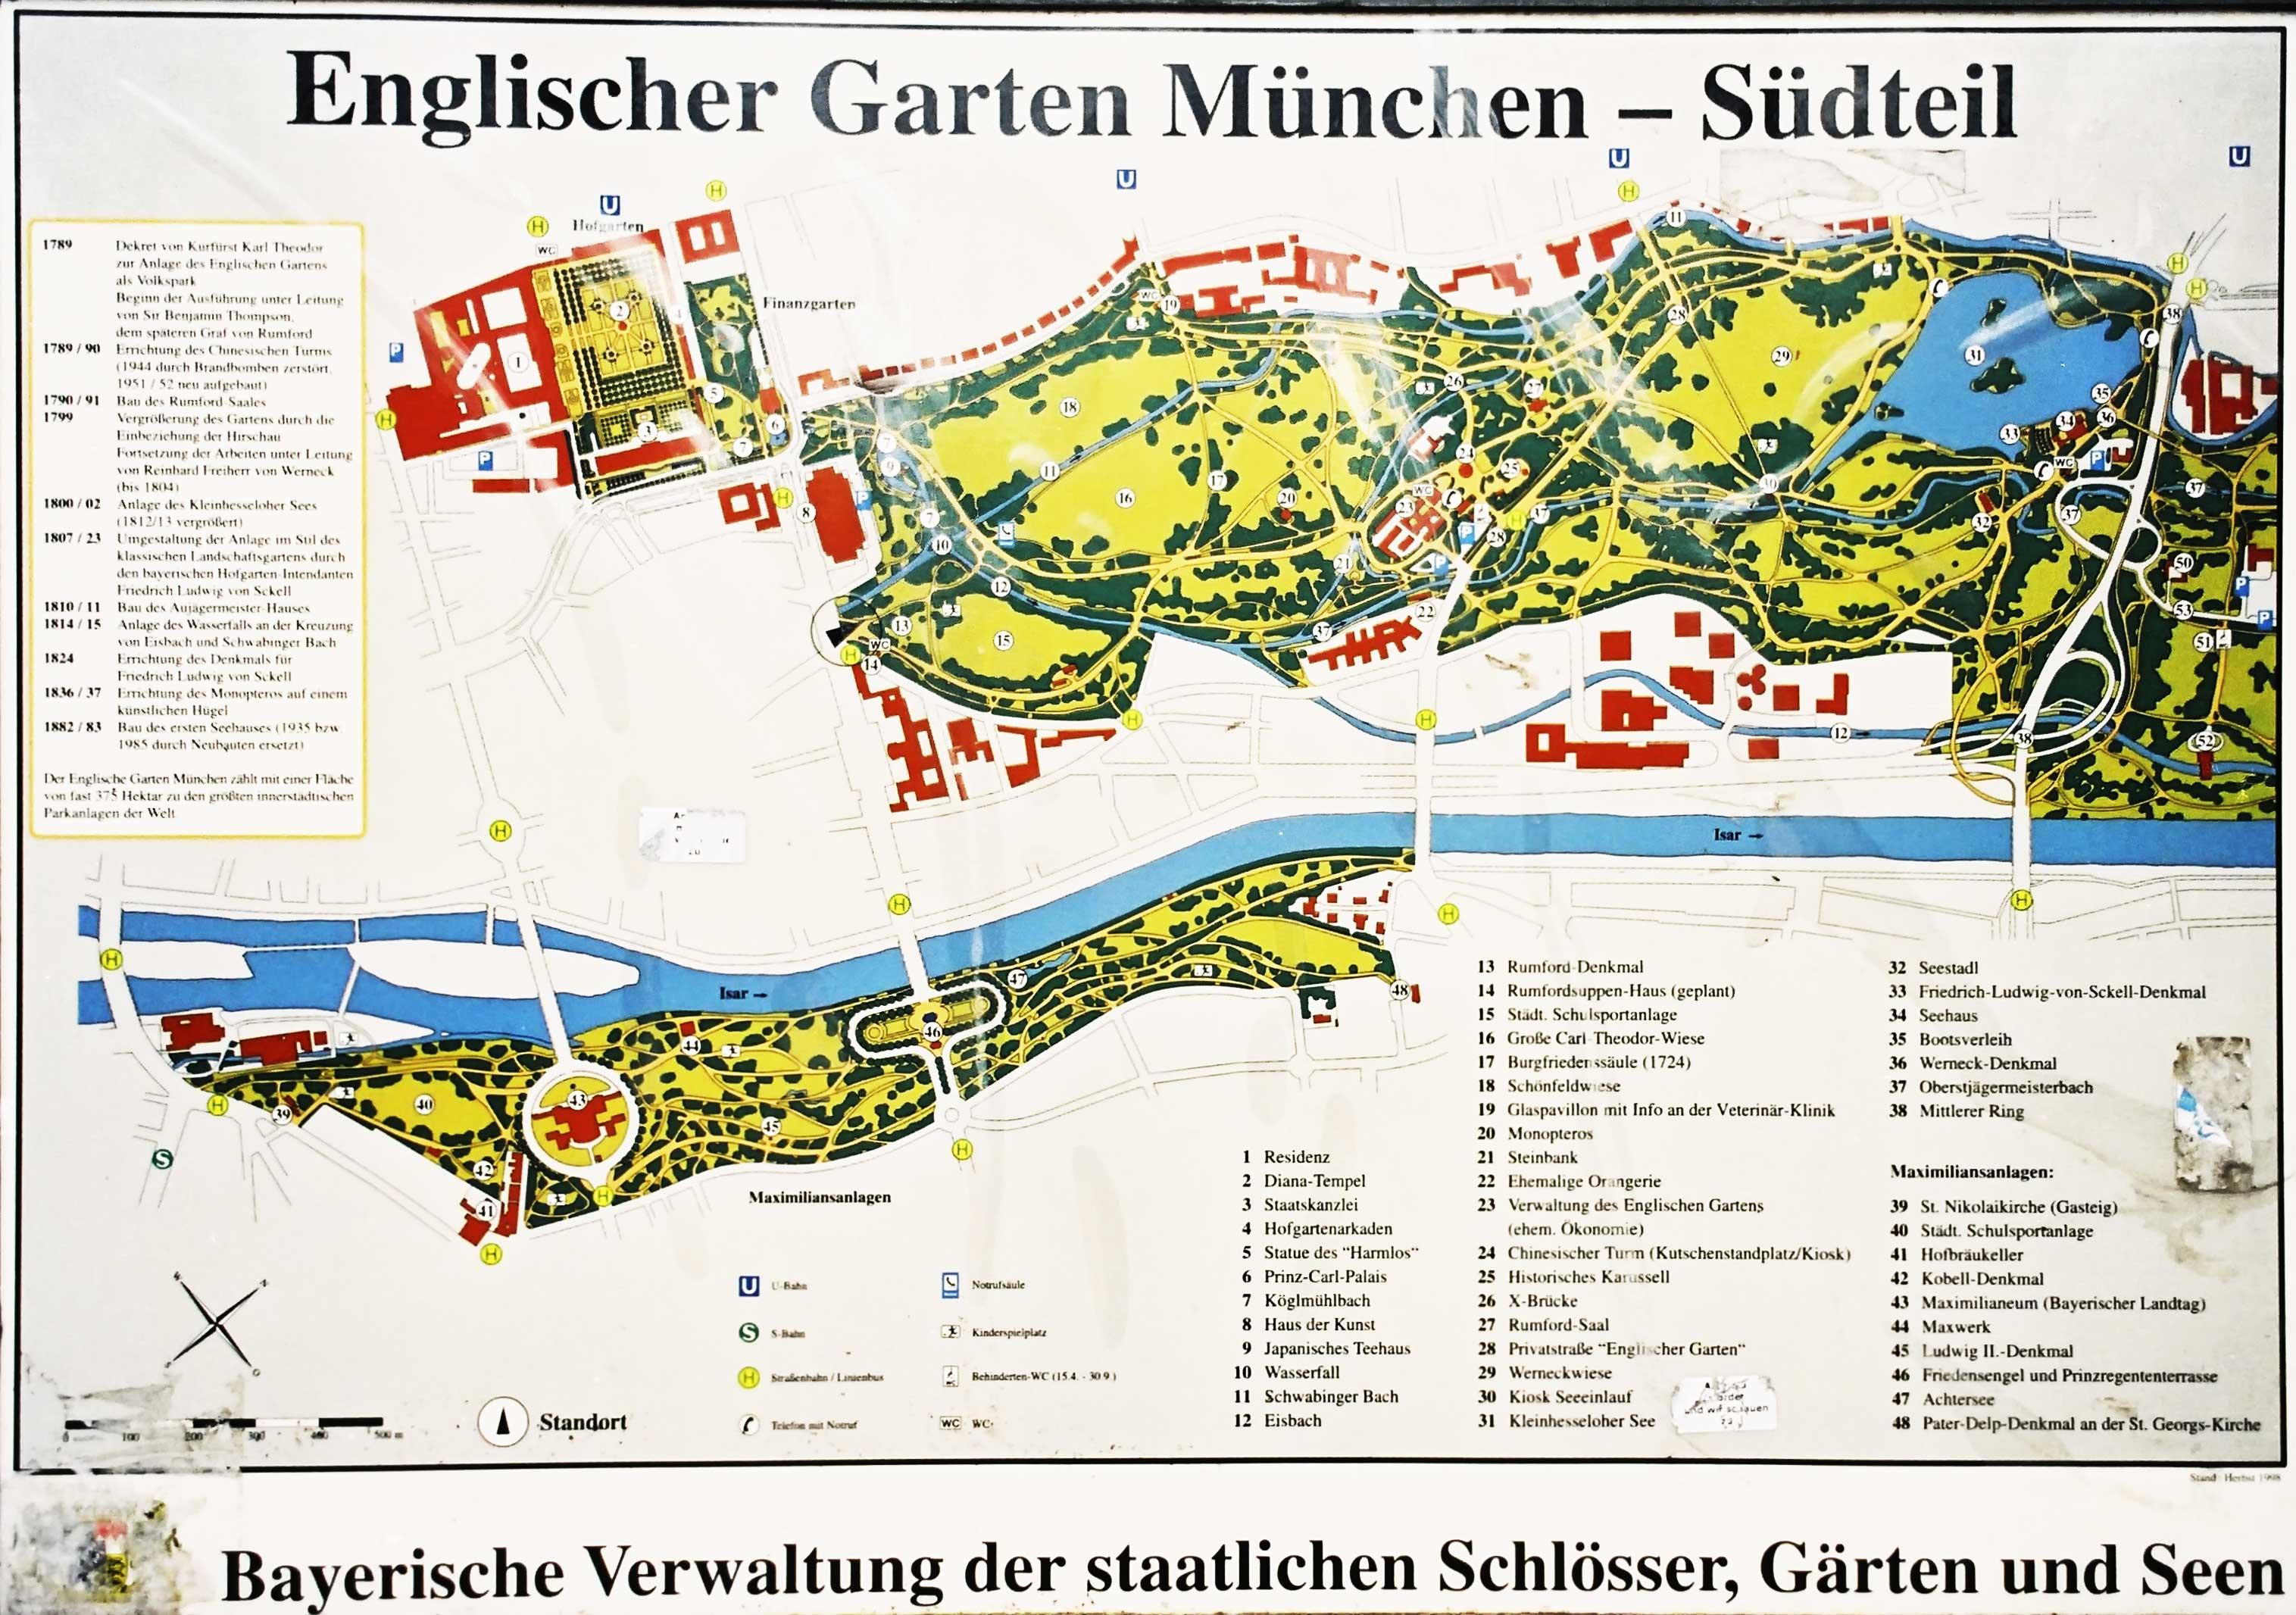 Englischer Garten (München)